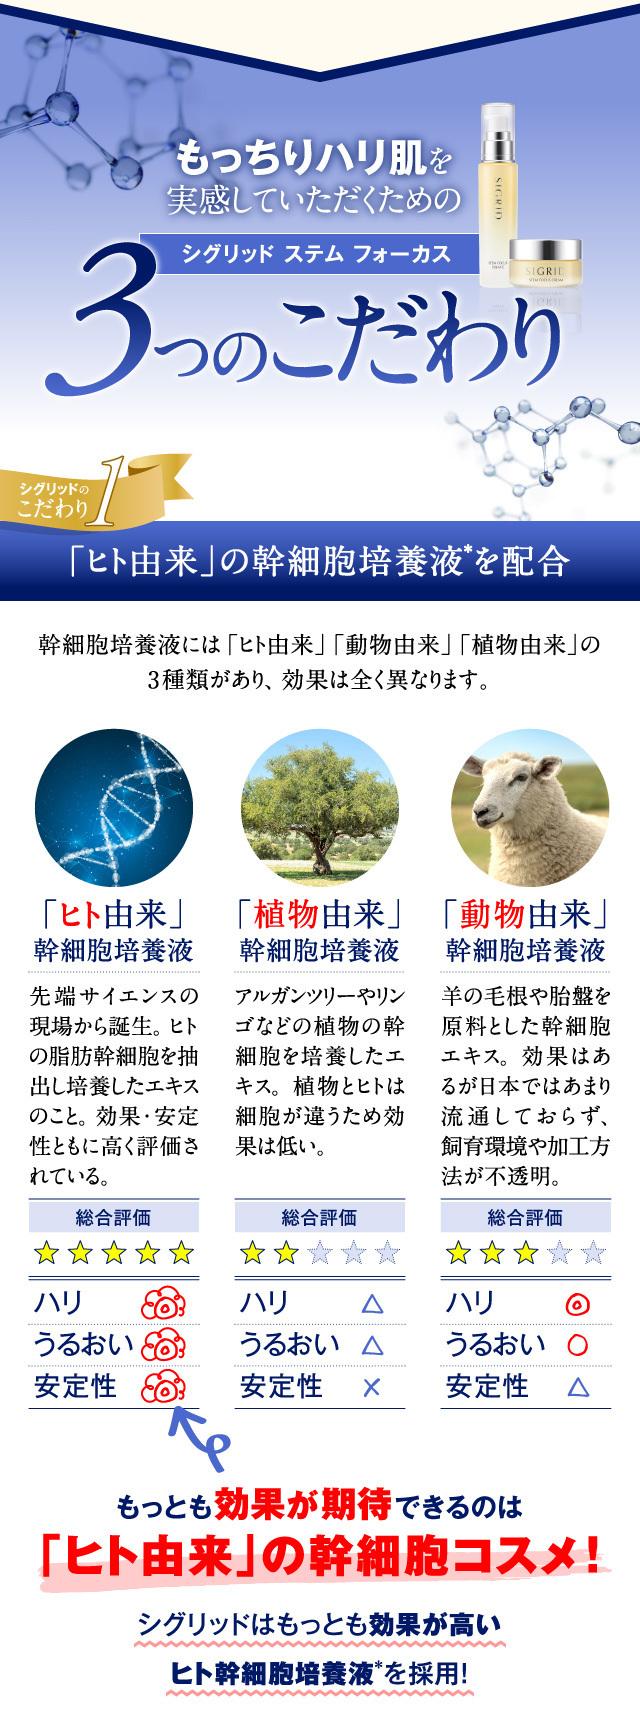 main_14.jpg